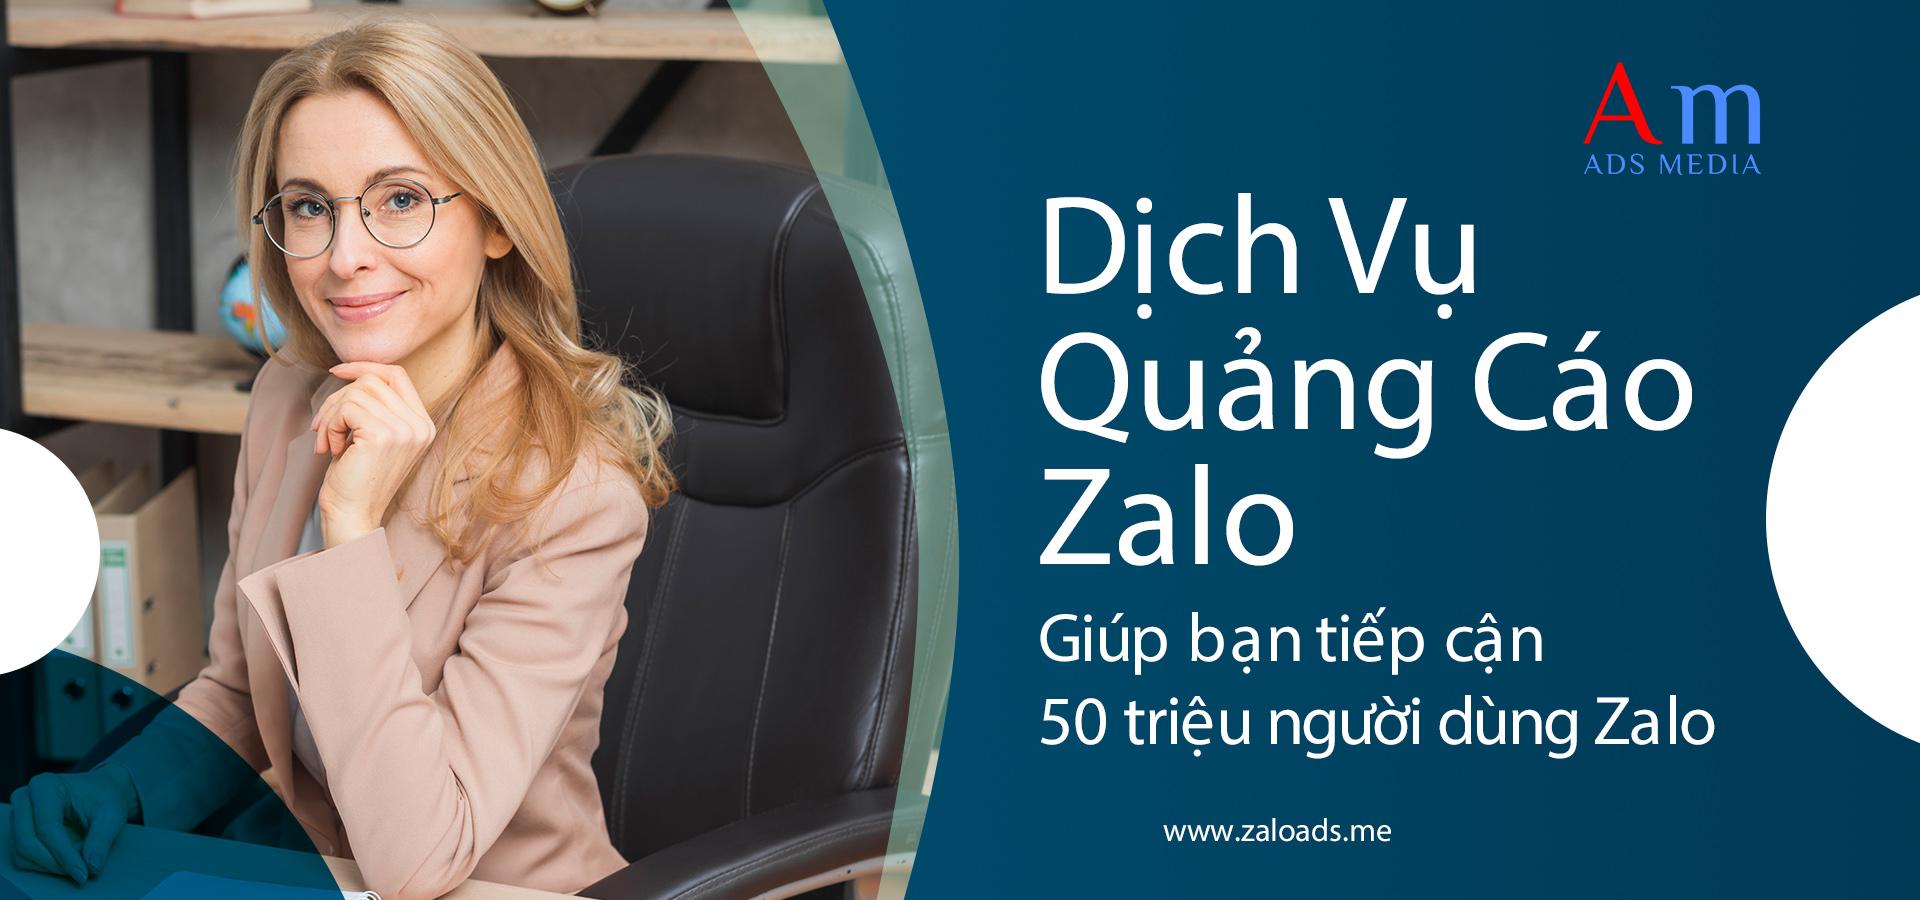 ZaloAds.me